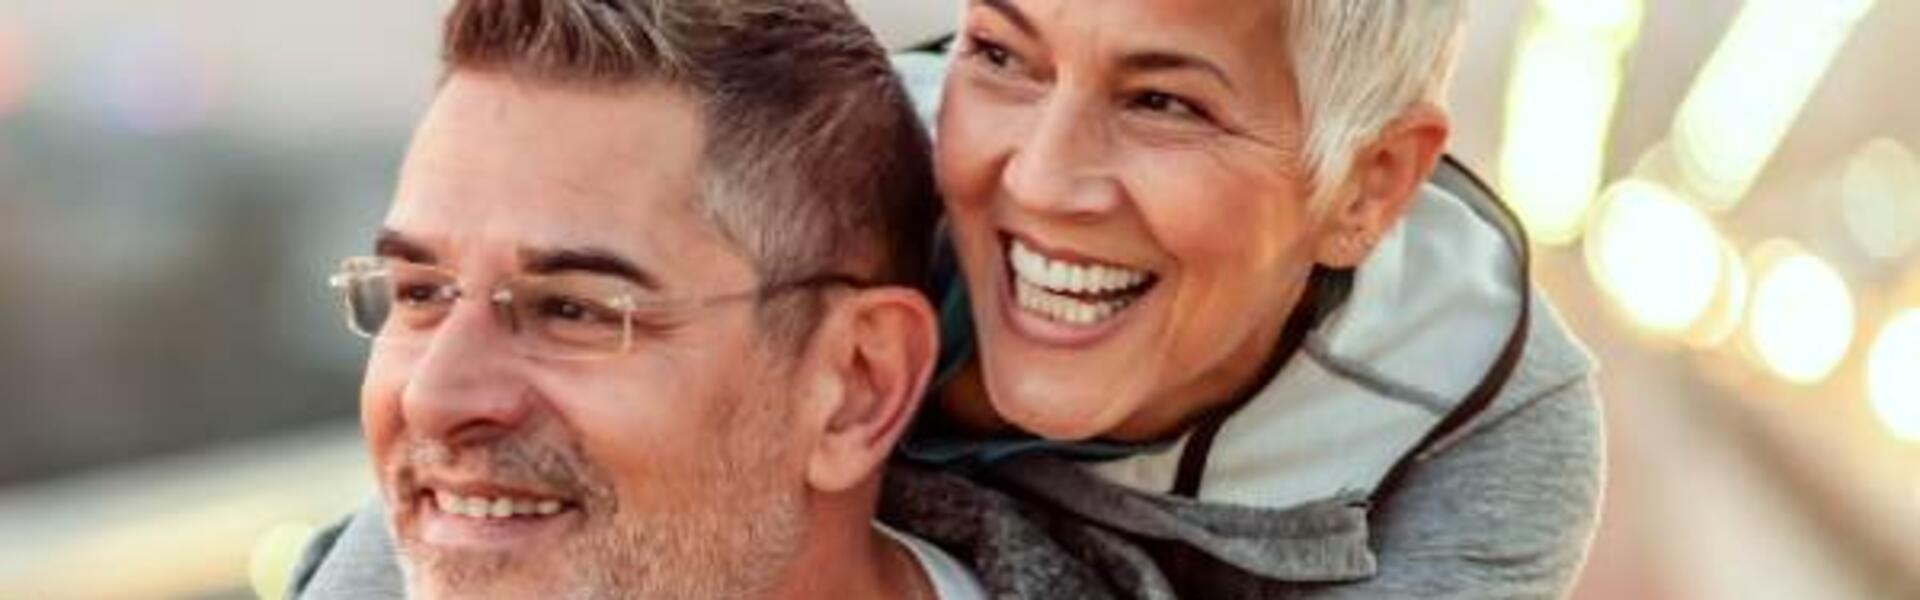 Dedicato agli over 65 che amano il turismo slow